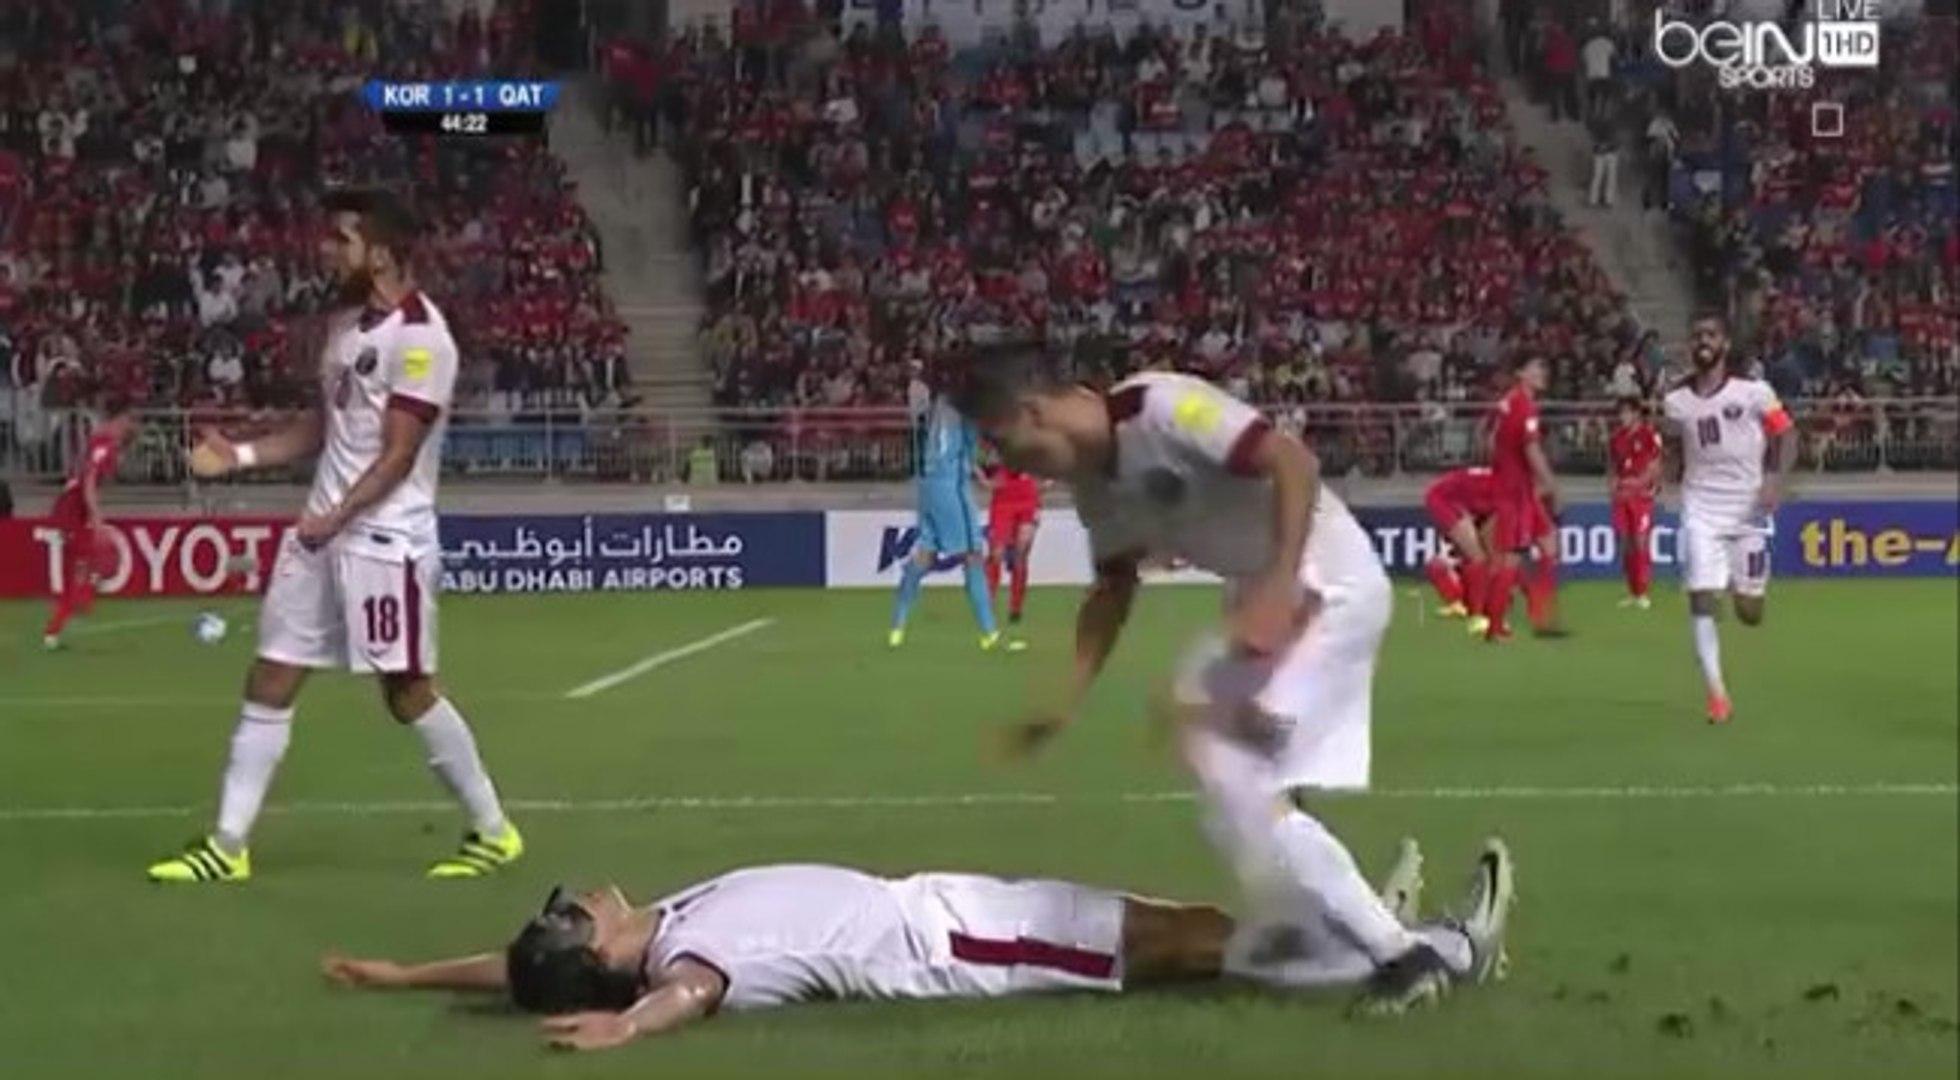 Sebastian Soria Amazing Goal - South Korea 1-2 Qatar - (06/10/2016)